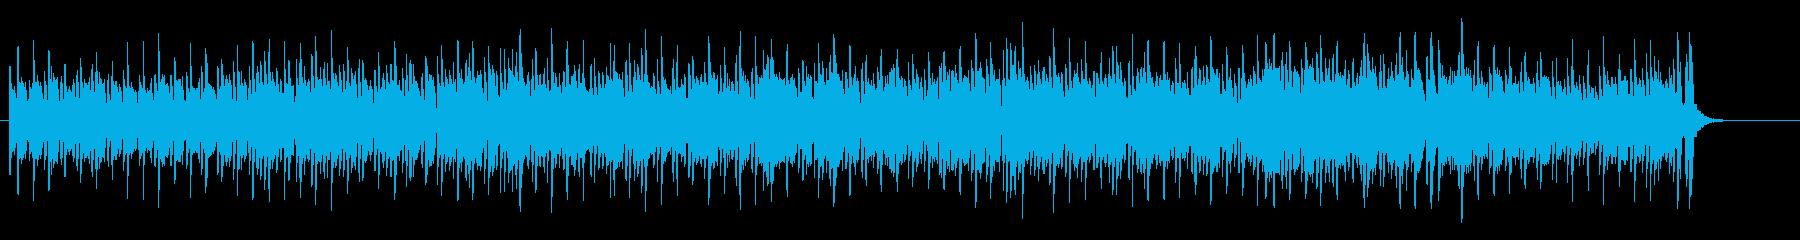 穏やかなボサノバ風リゾート・ポップの再生済みの波形